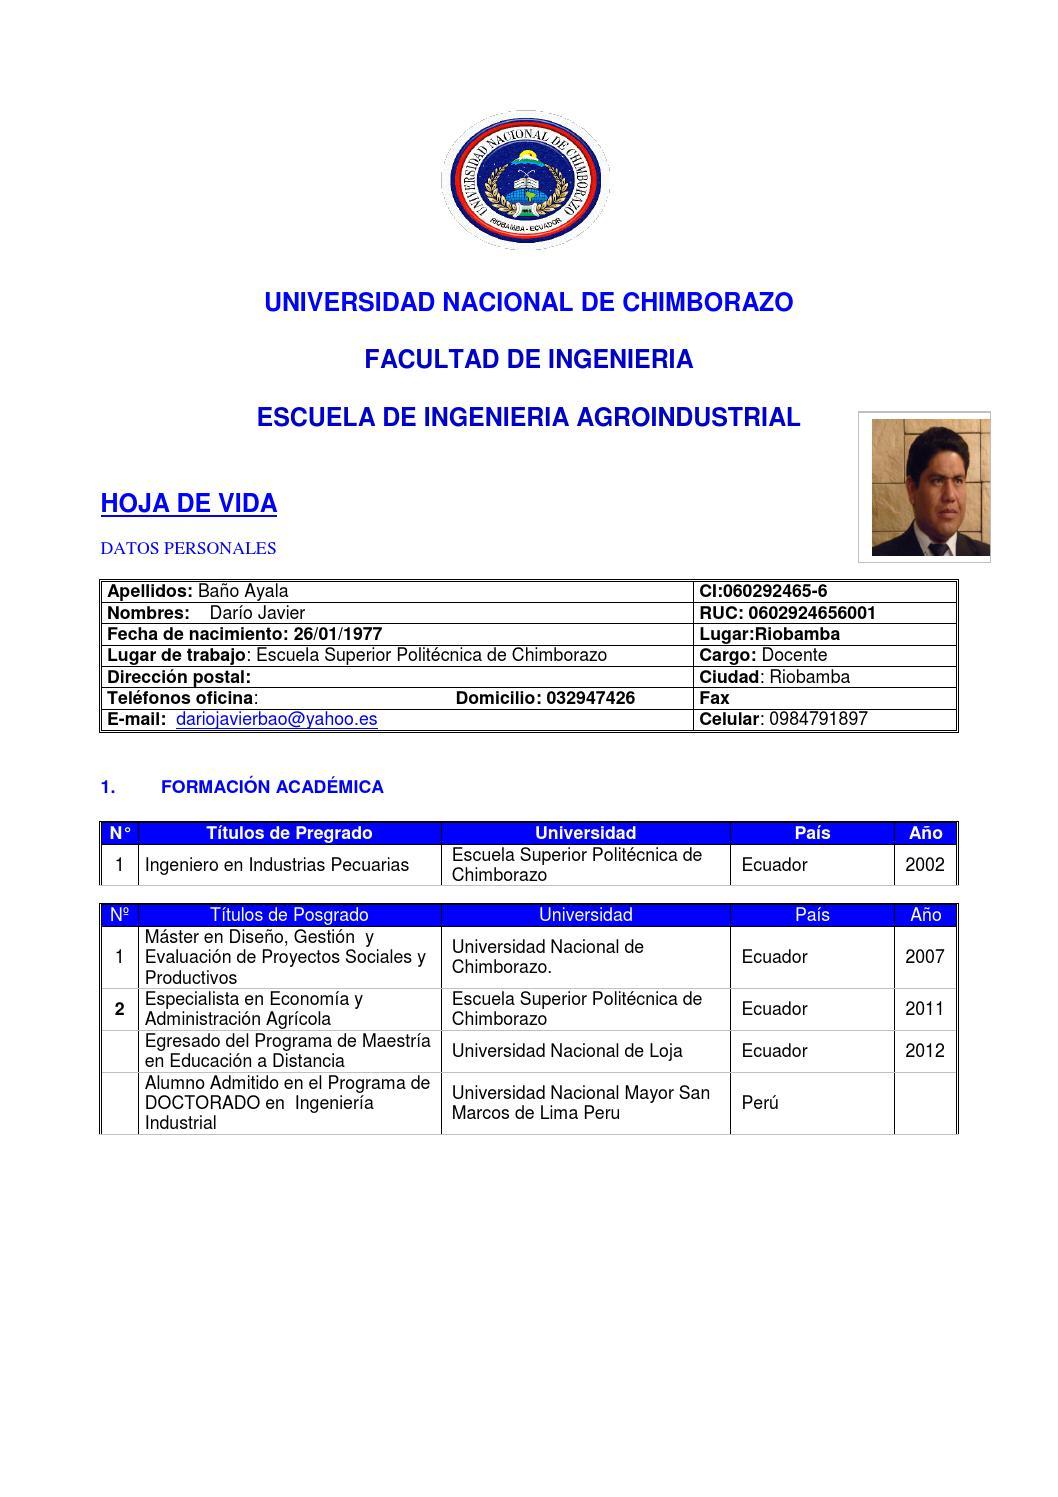 curriculum dario baño unach by djavierba - issuu